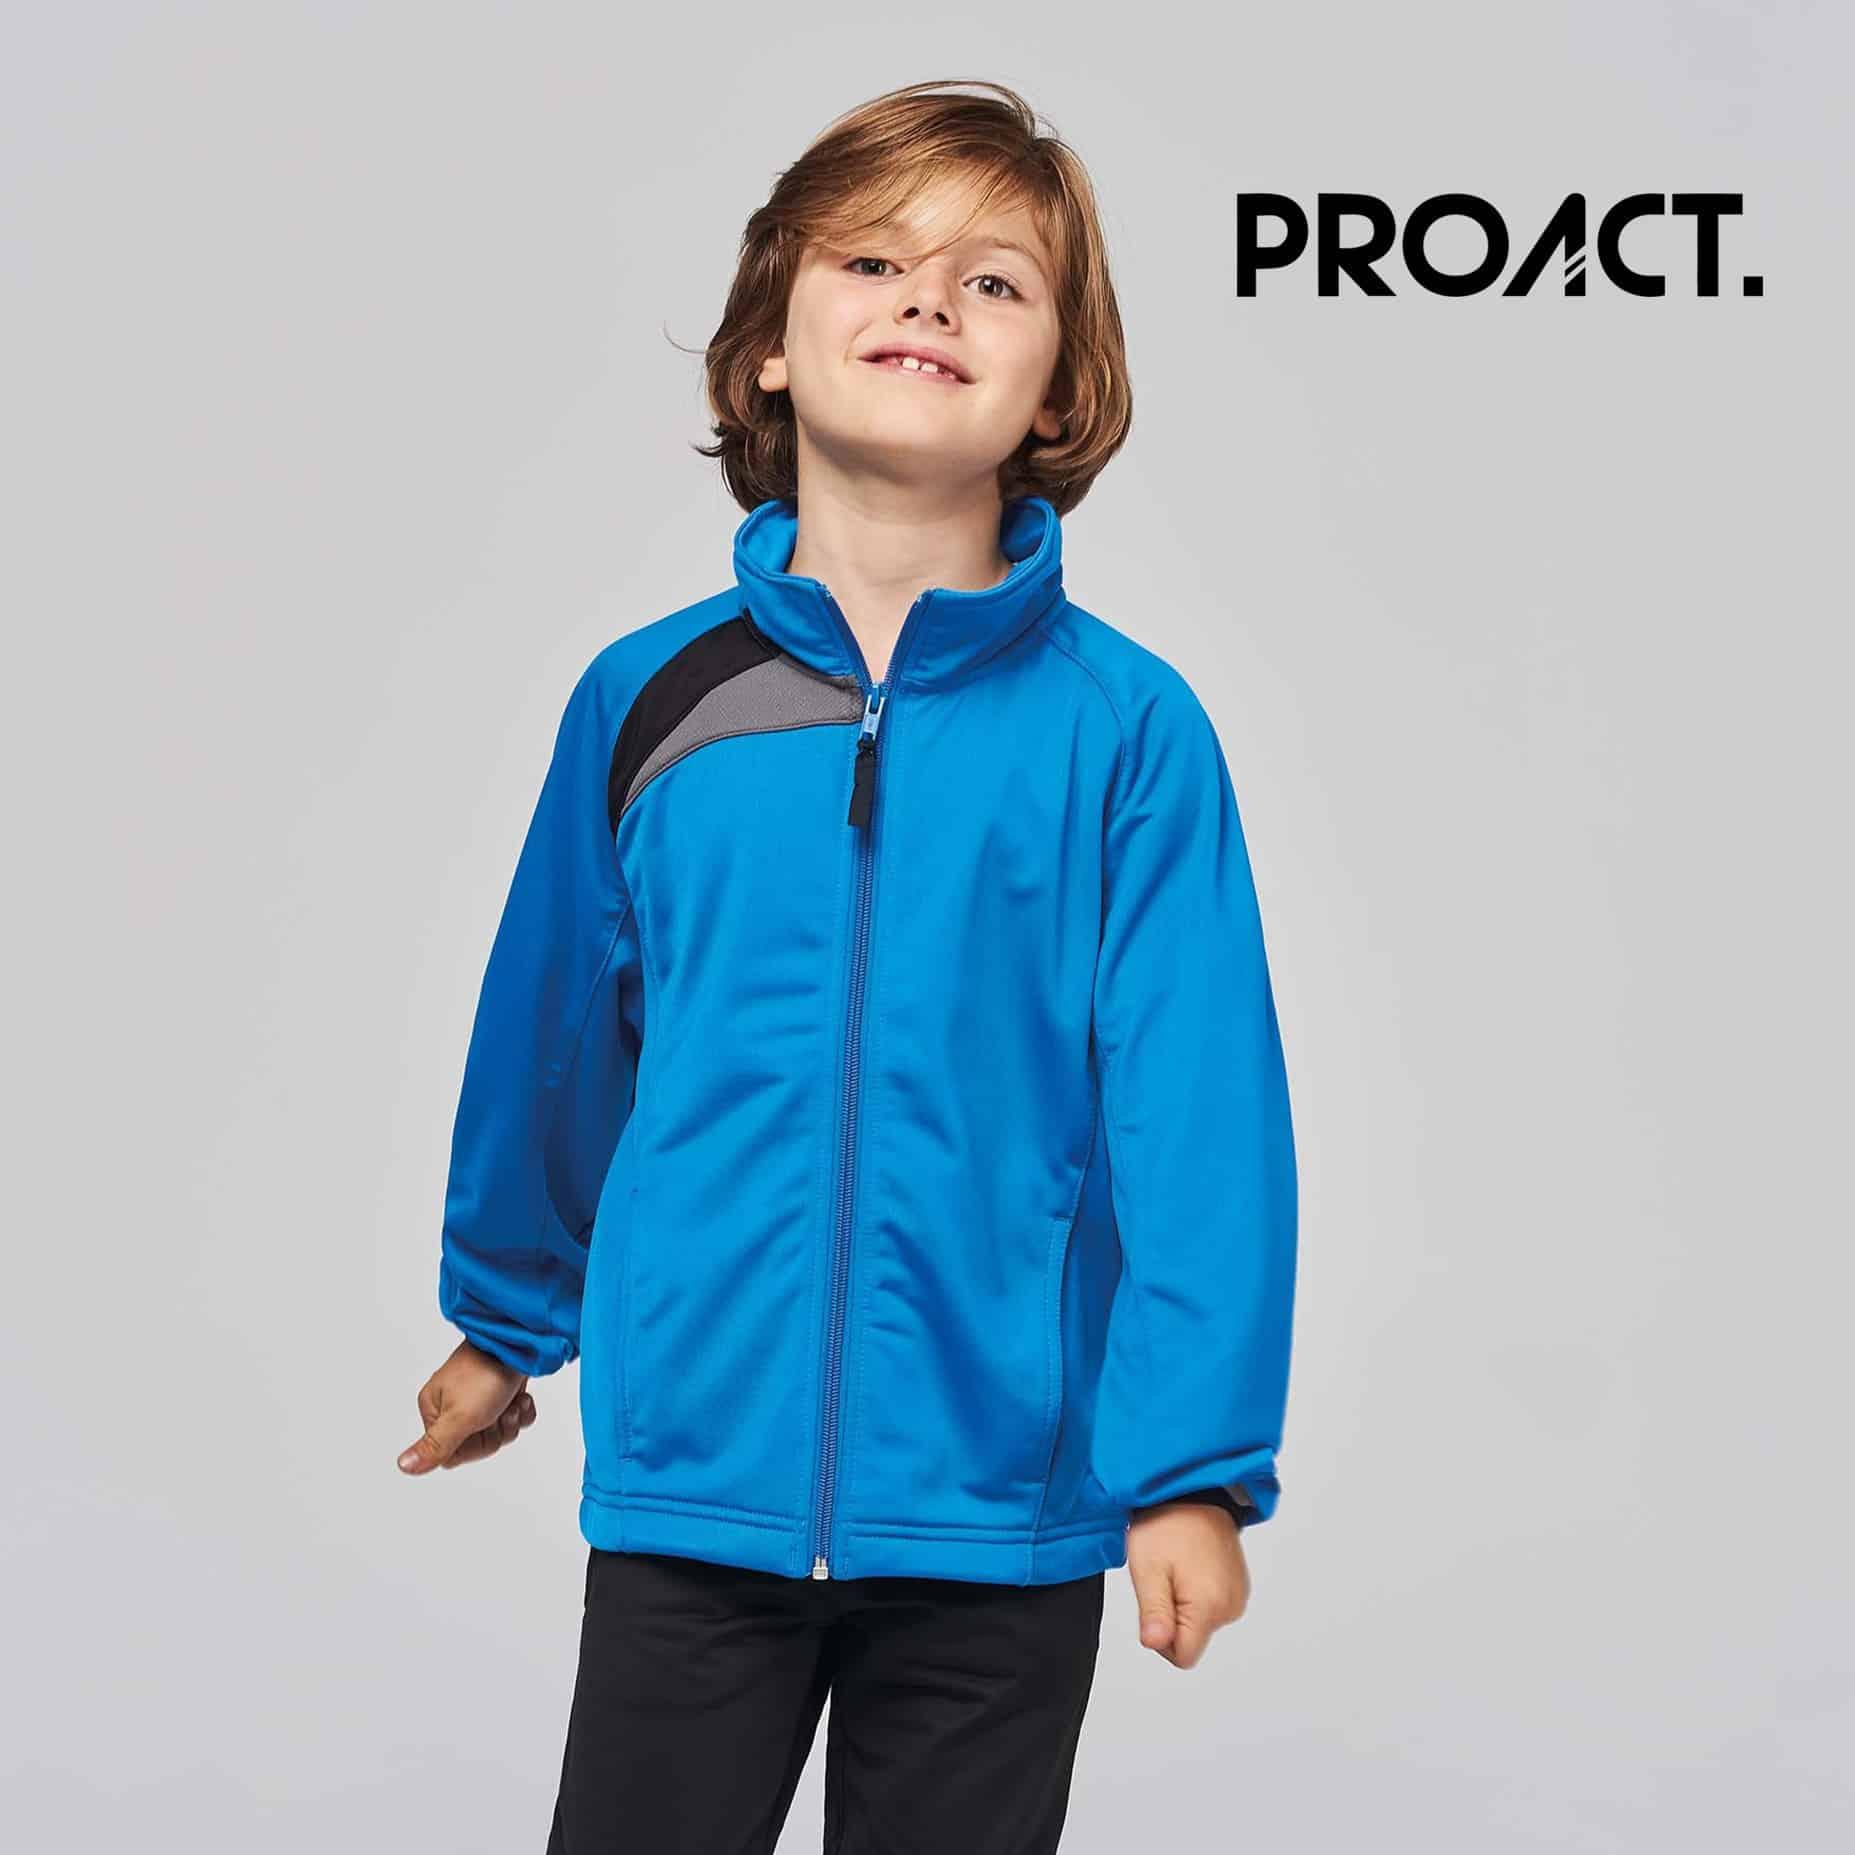 Bambino con maglia maniche lunghe blu 100% poliestere con zip tono su tono e polisini elasticizzati